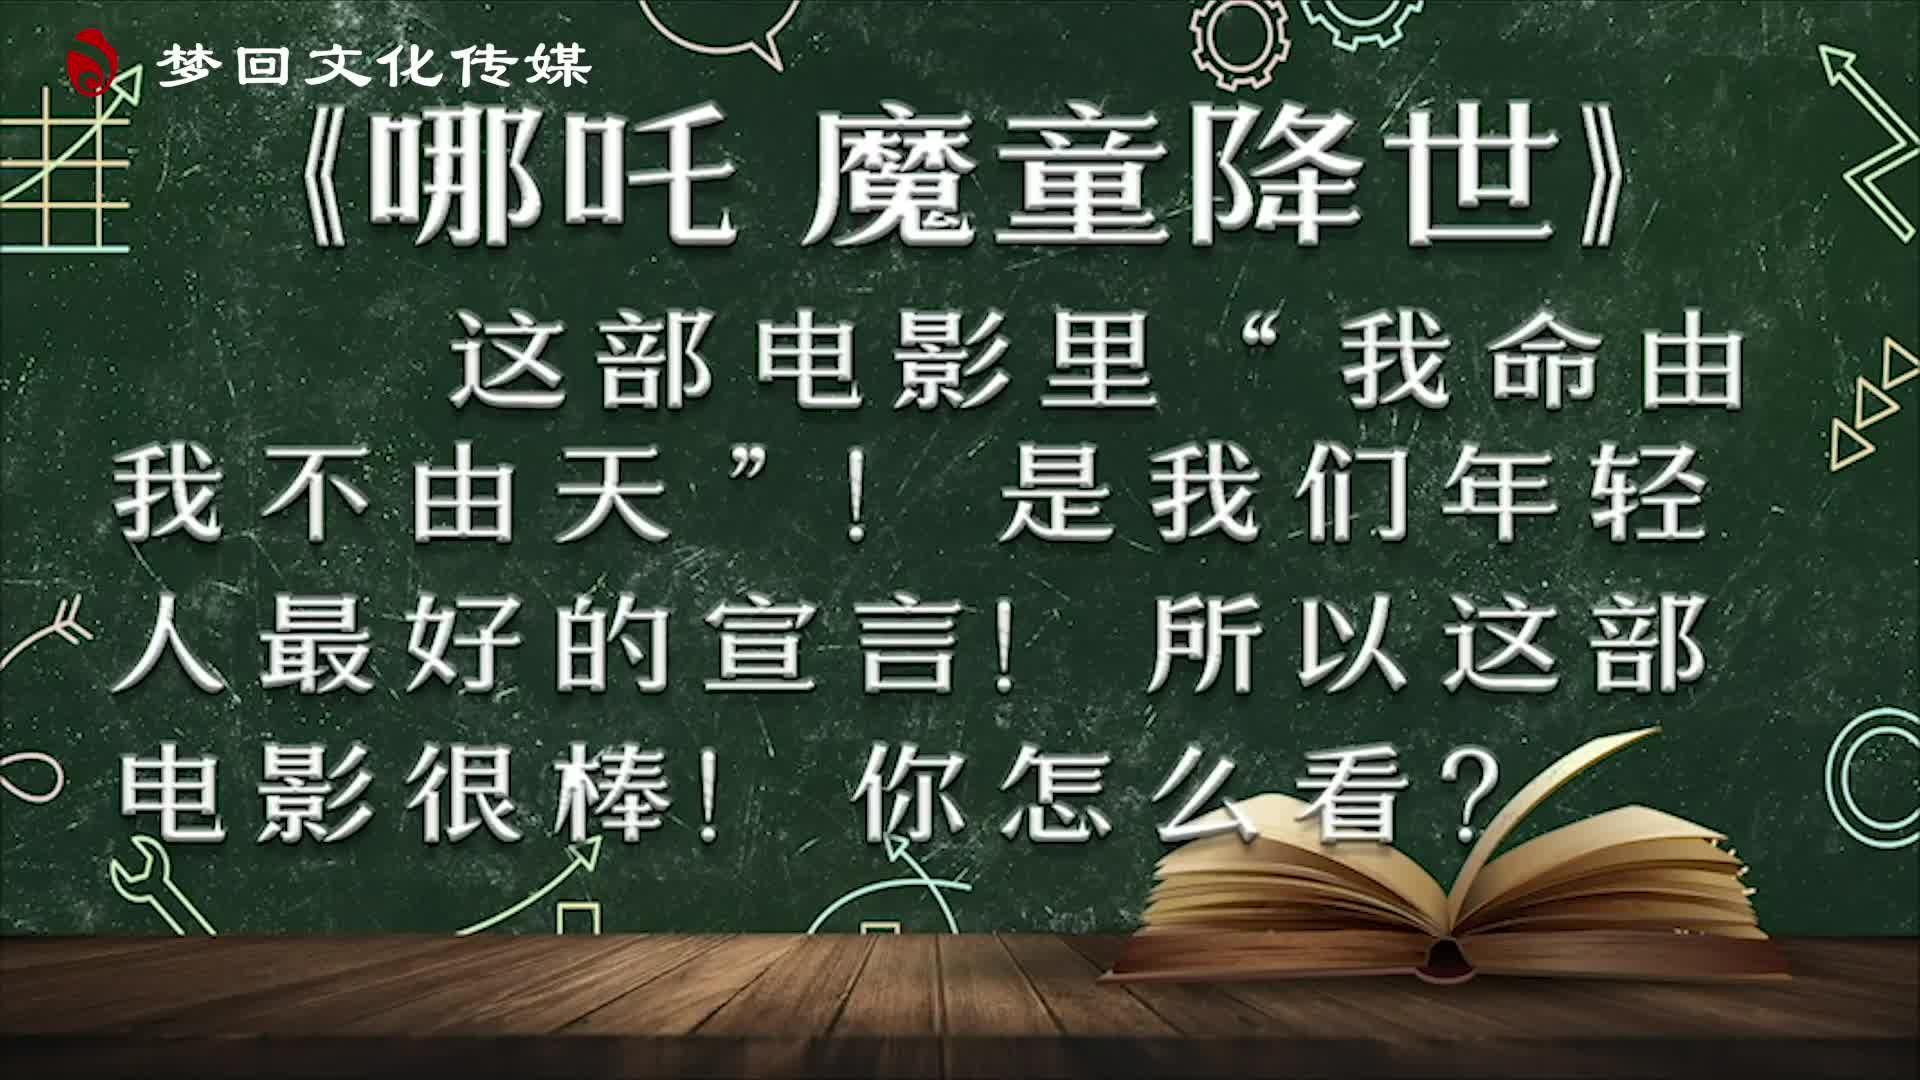 【赵老师的电影课】哪吒之魔童降世(二)